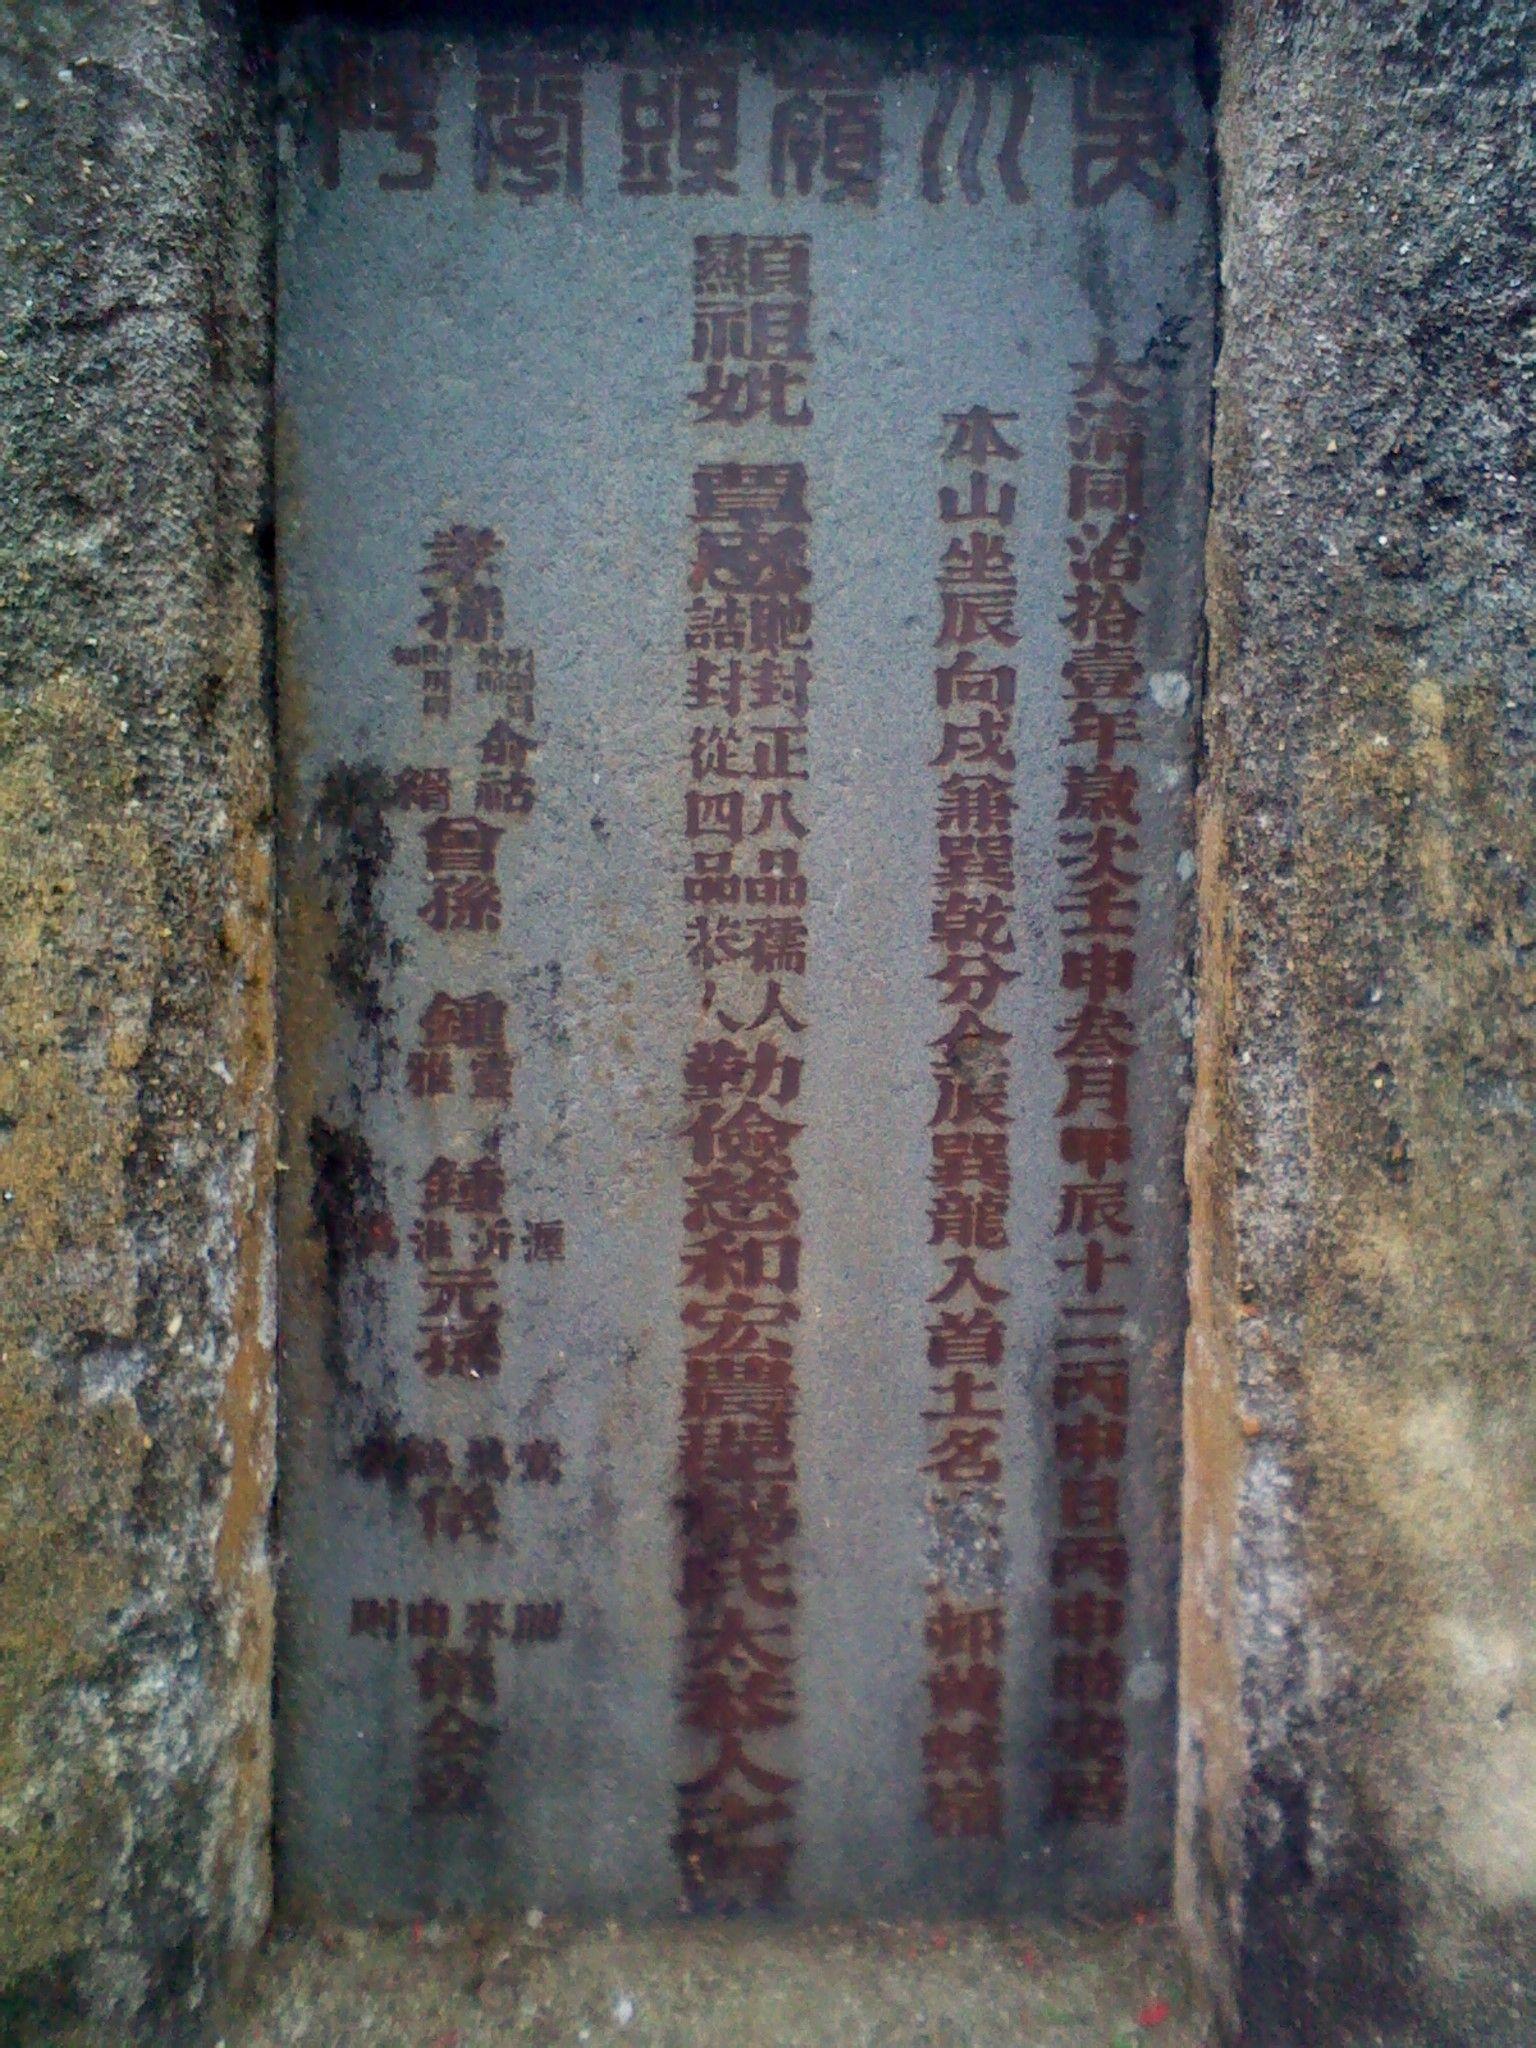 李伯豪古墓墓碑:谁能帮我解答这墓碑的意思图片